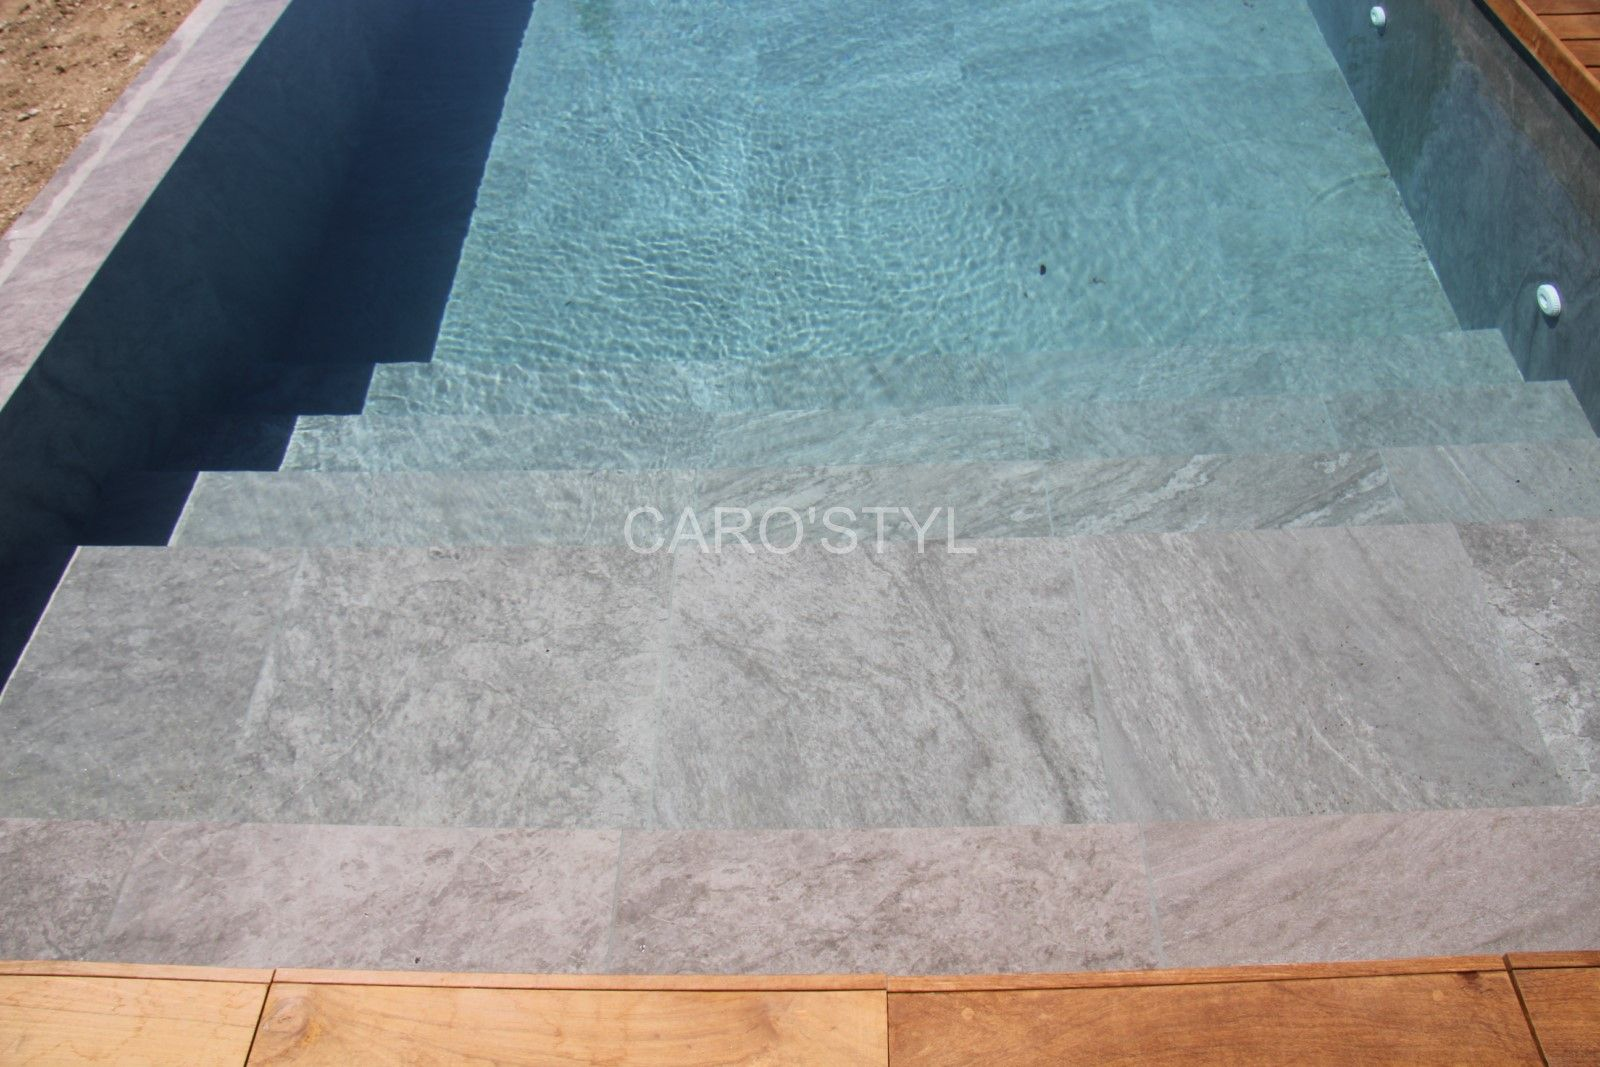 Bali Grey Carrelage Gres Cerame Vous Aimez Les Allures Modernes Aux Couleurs De Gris Alors Optez Pour Carrelage Gris Clair Carrelage Piscine Decoration Maison